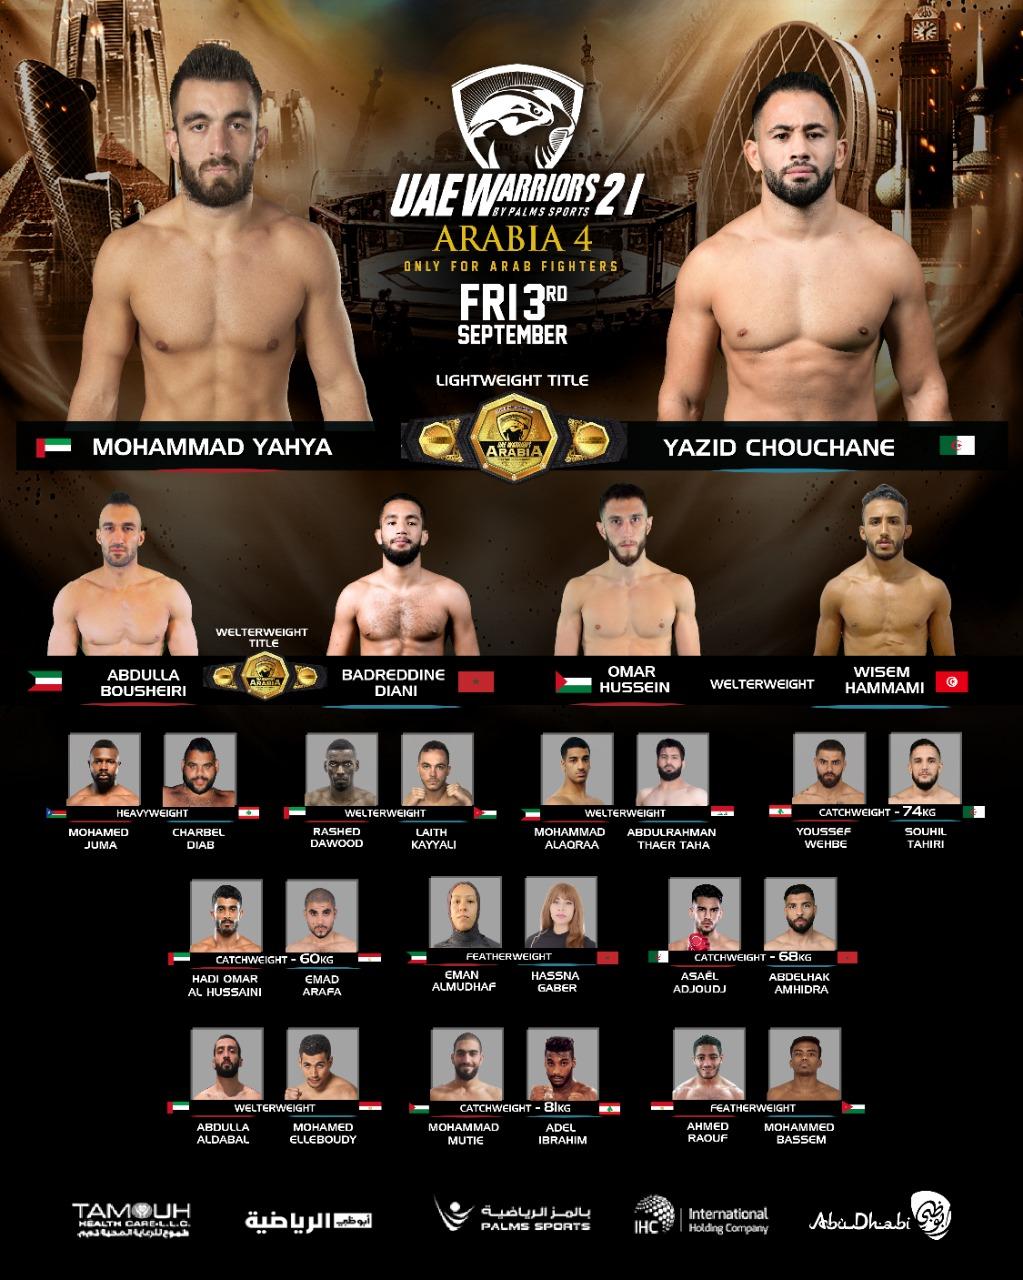 Uae warriors 21 arabia 4 fight card